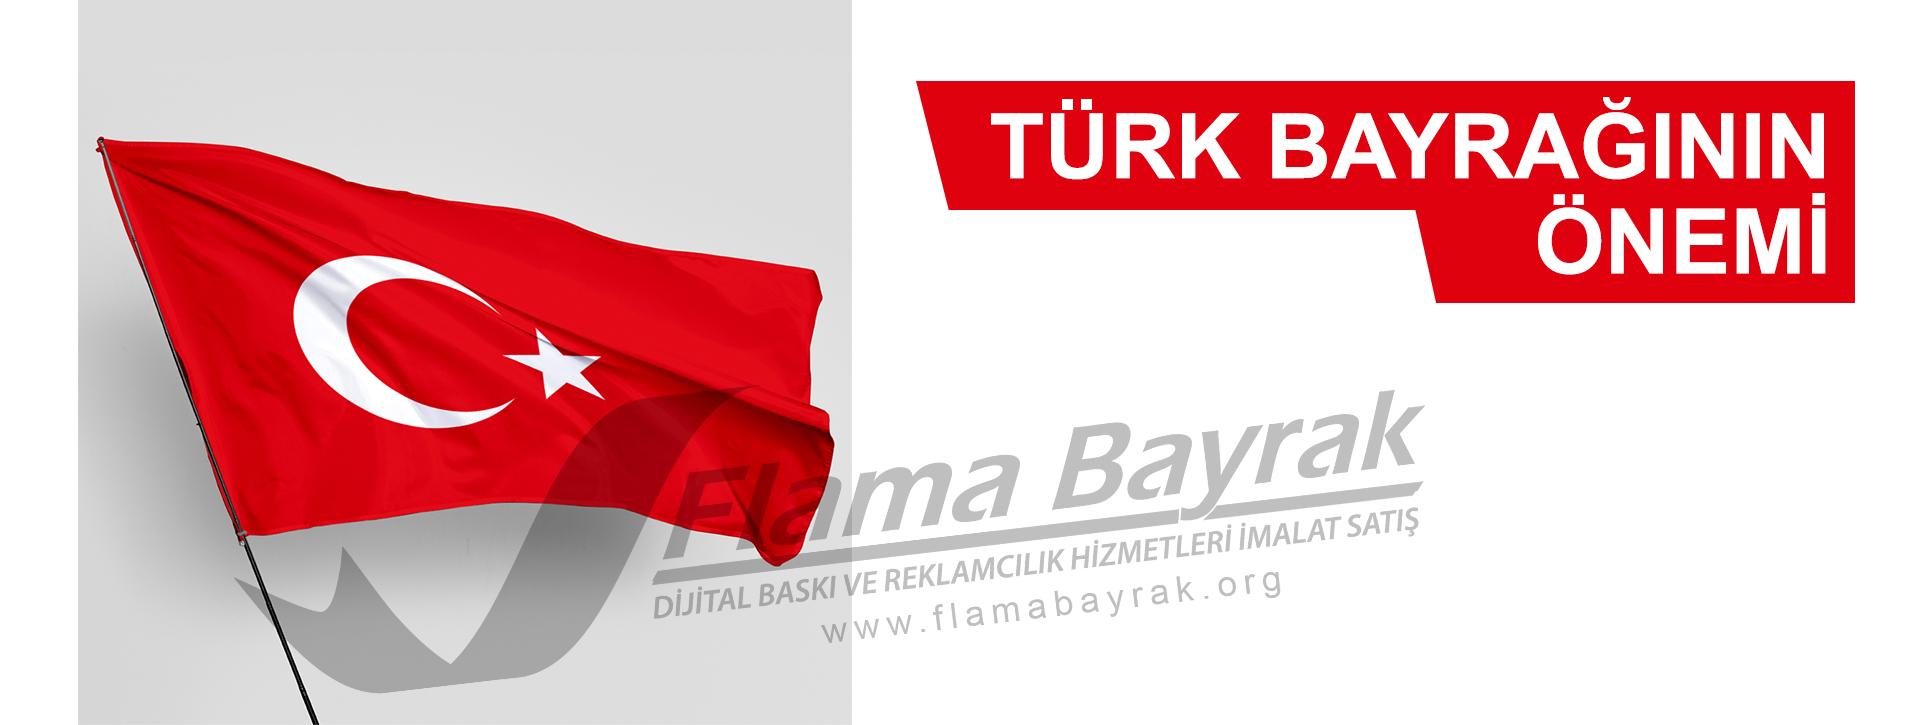 Türk Bayrağının Önemi